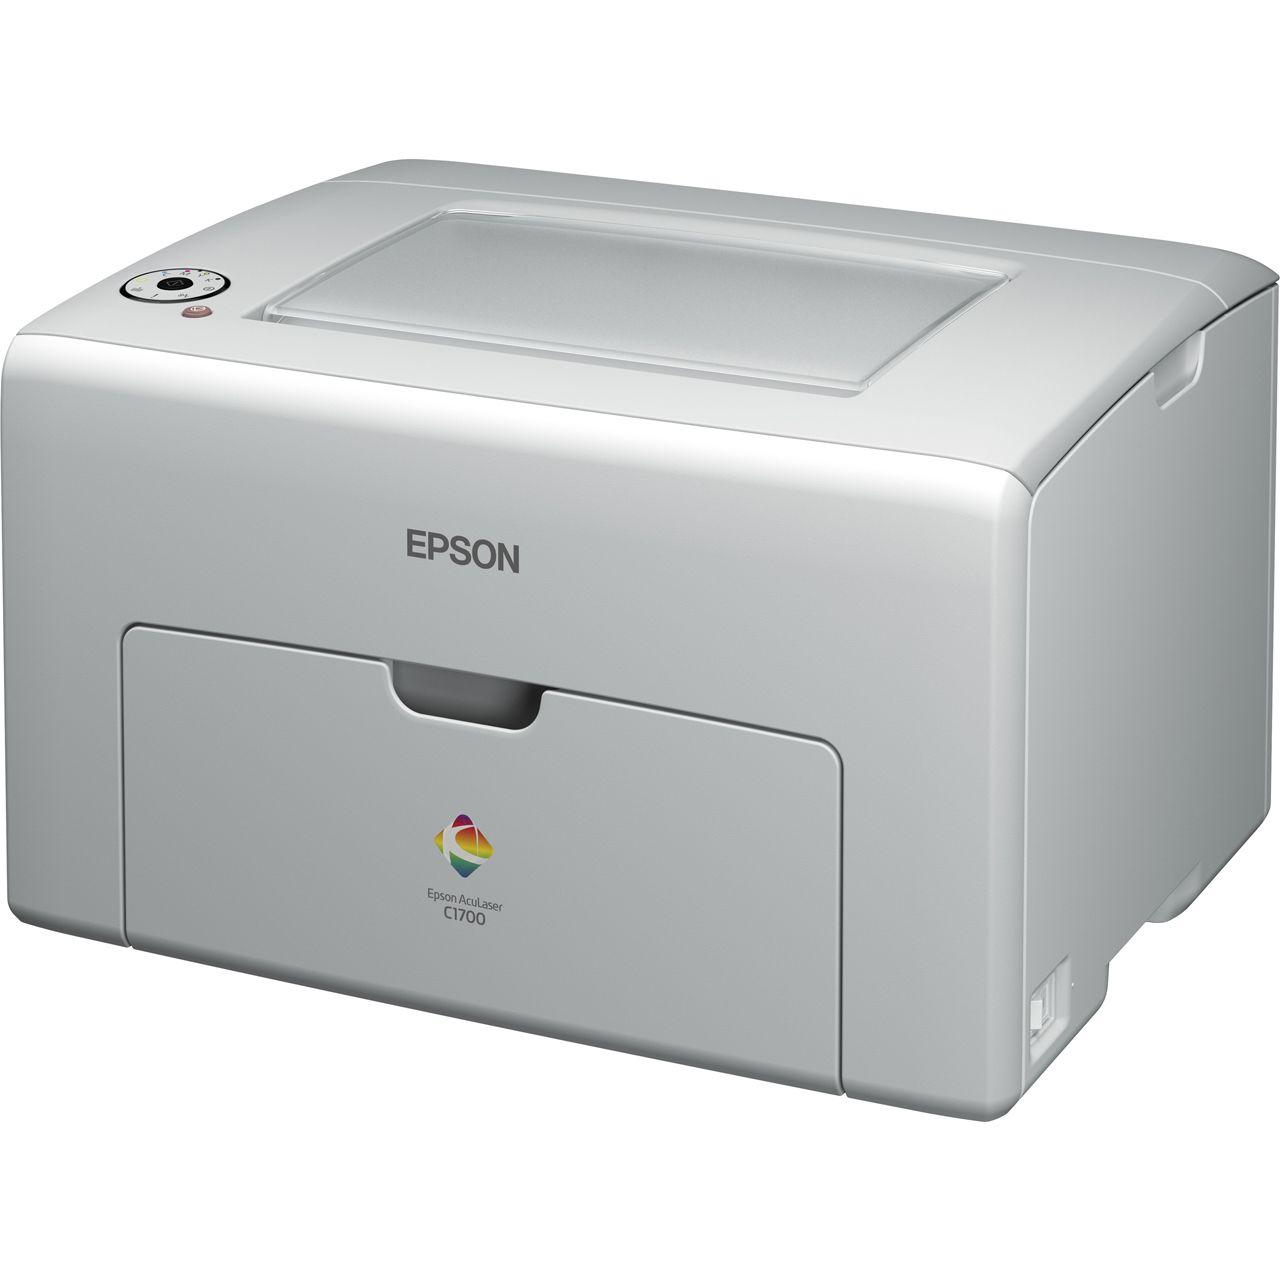 epson aculaser c1700 farblaser drucken usb 2 0 farblaserdrucker hardware. Black Bedroom Furniture Sets. Home Design Ideas